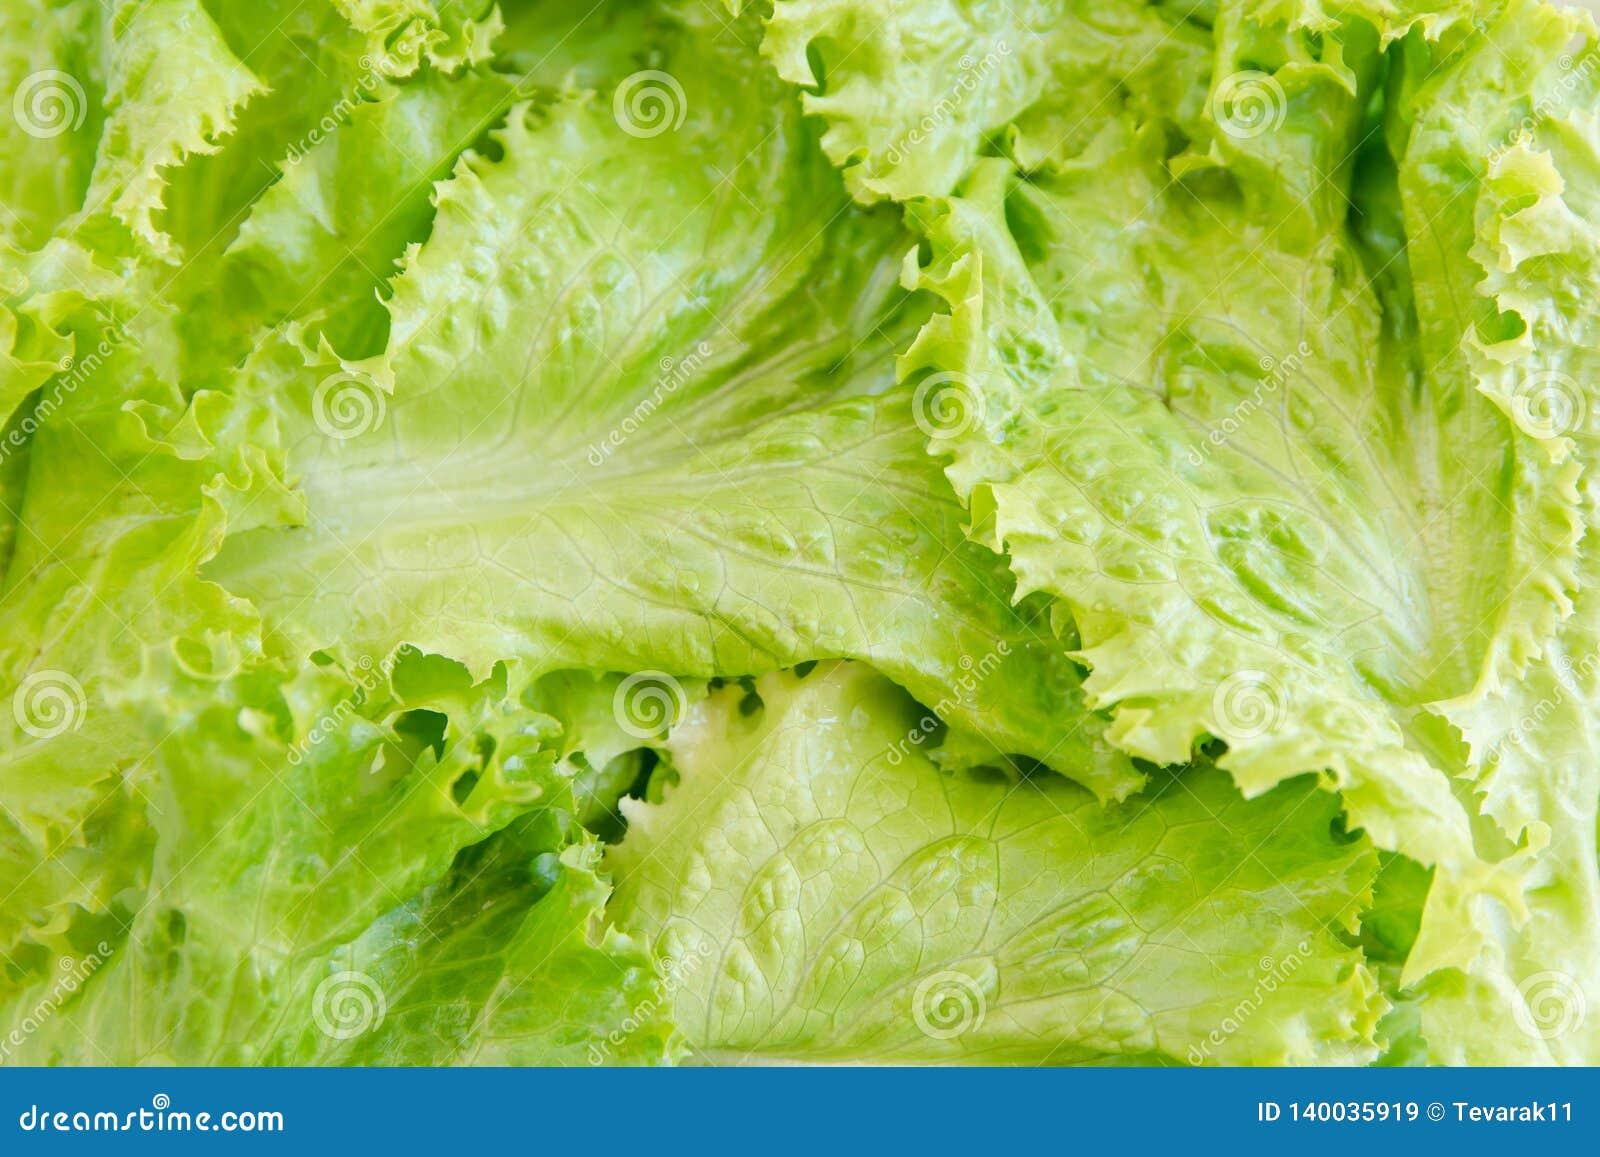 Saladeblad Slaachtergrond De achtergrond van groenten